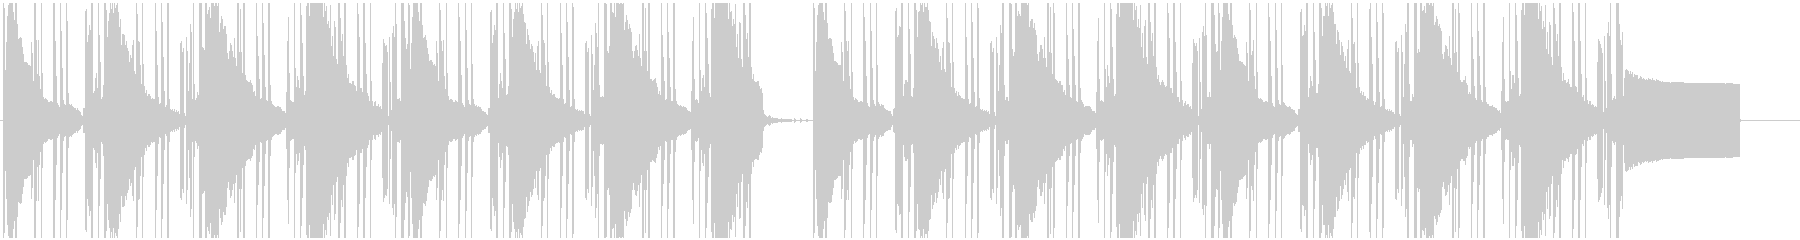 【LOFI HIPHOP】深夜集中Dの未再生の波形